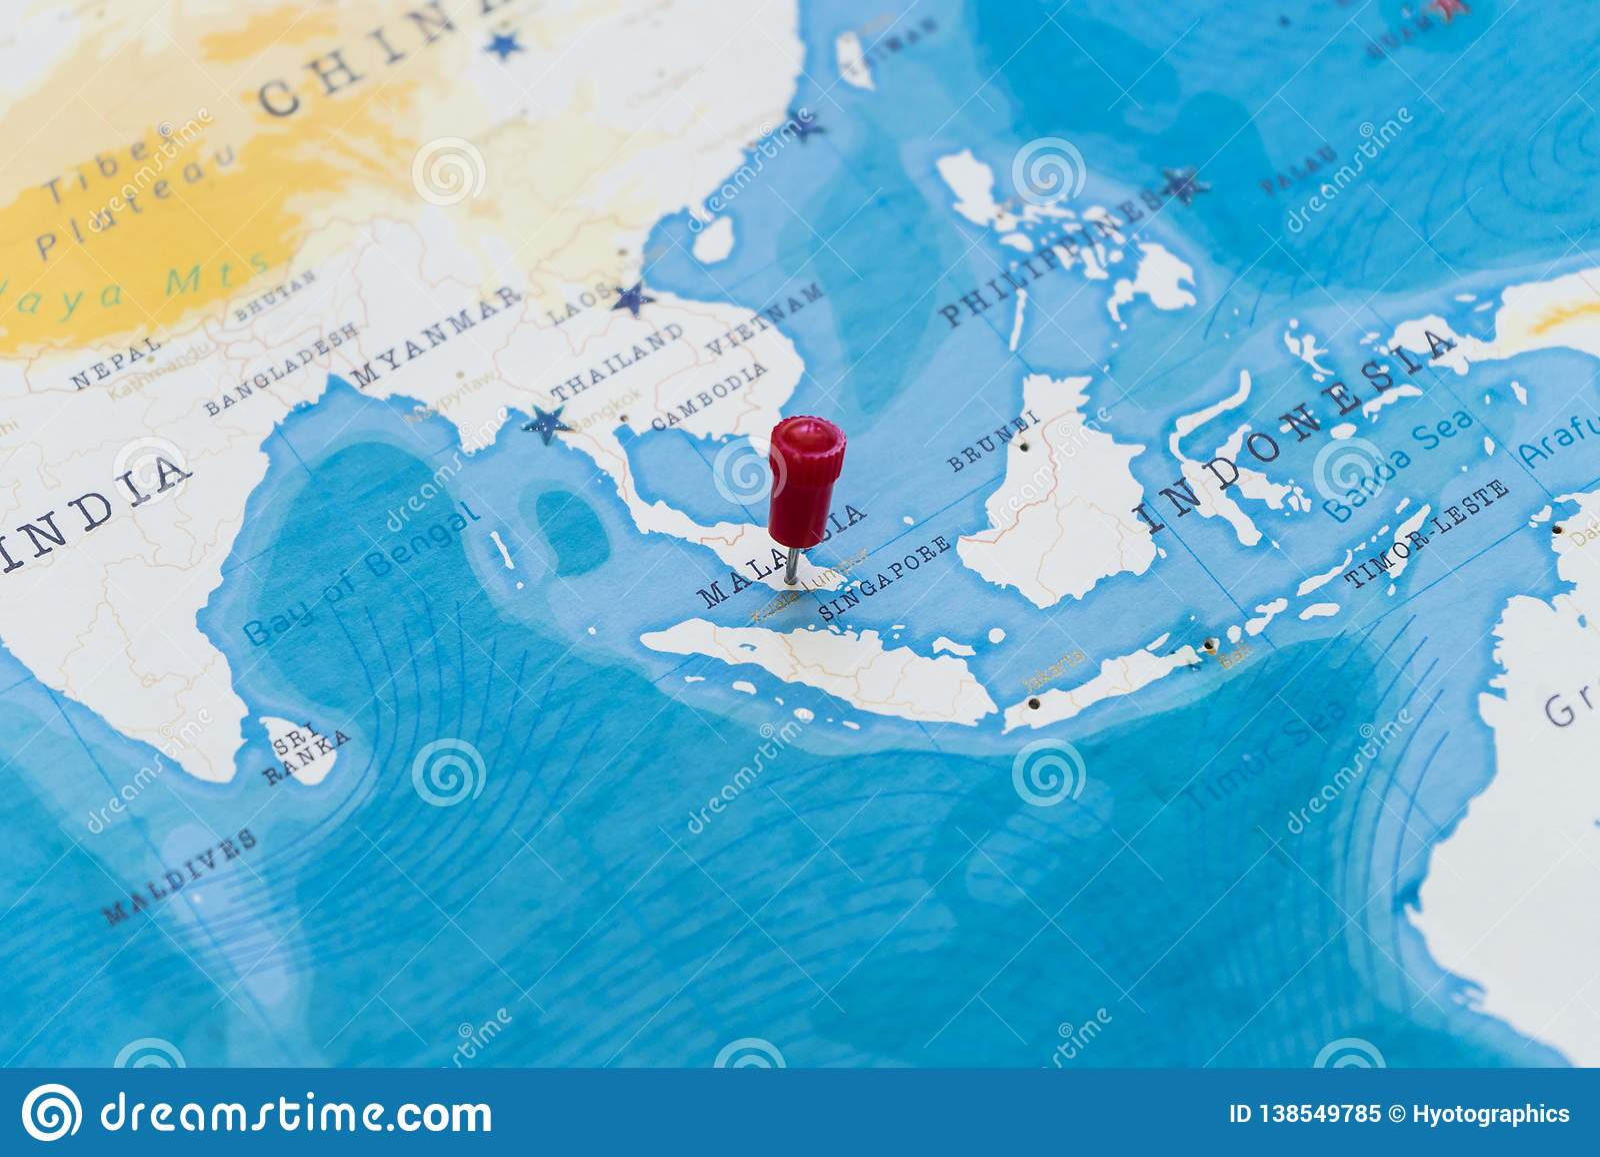 A Pin On Kuala Lumpur, Malaysia In The World Map Stock Image - Image Kuala Lumpur In World Map on world map colombo, world map malacca, world map manila, world map brussels, world map penang, world map singapore, world map bangkok, world map jakarta, world map bangalore, world map malaysia, world map mumbai,